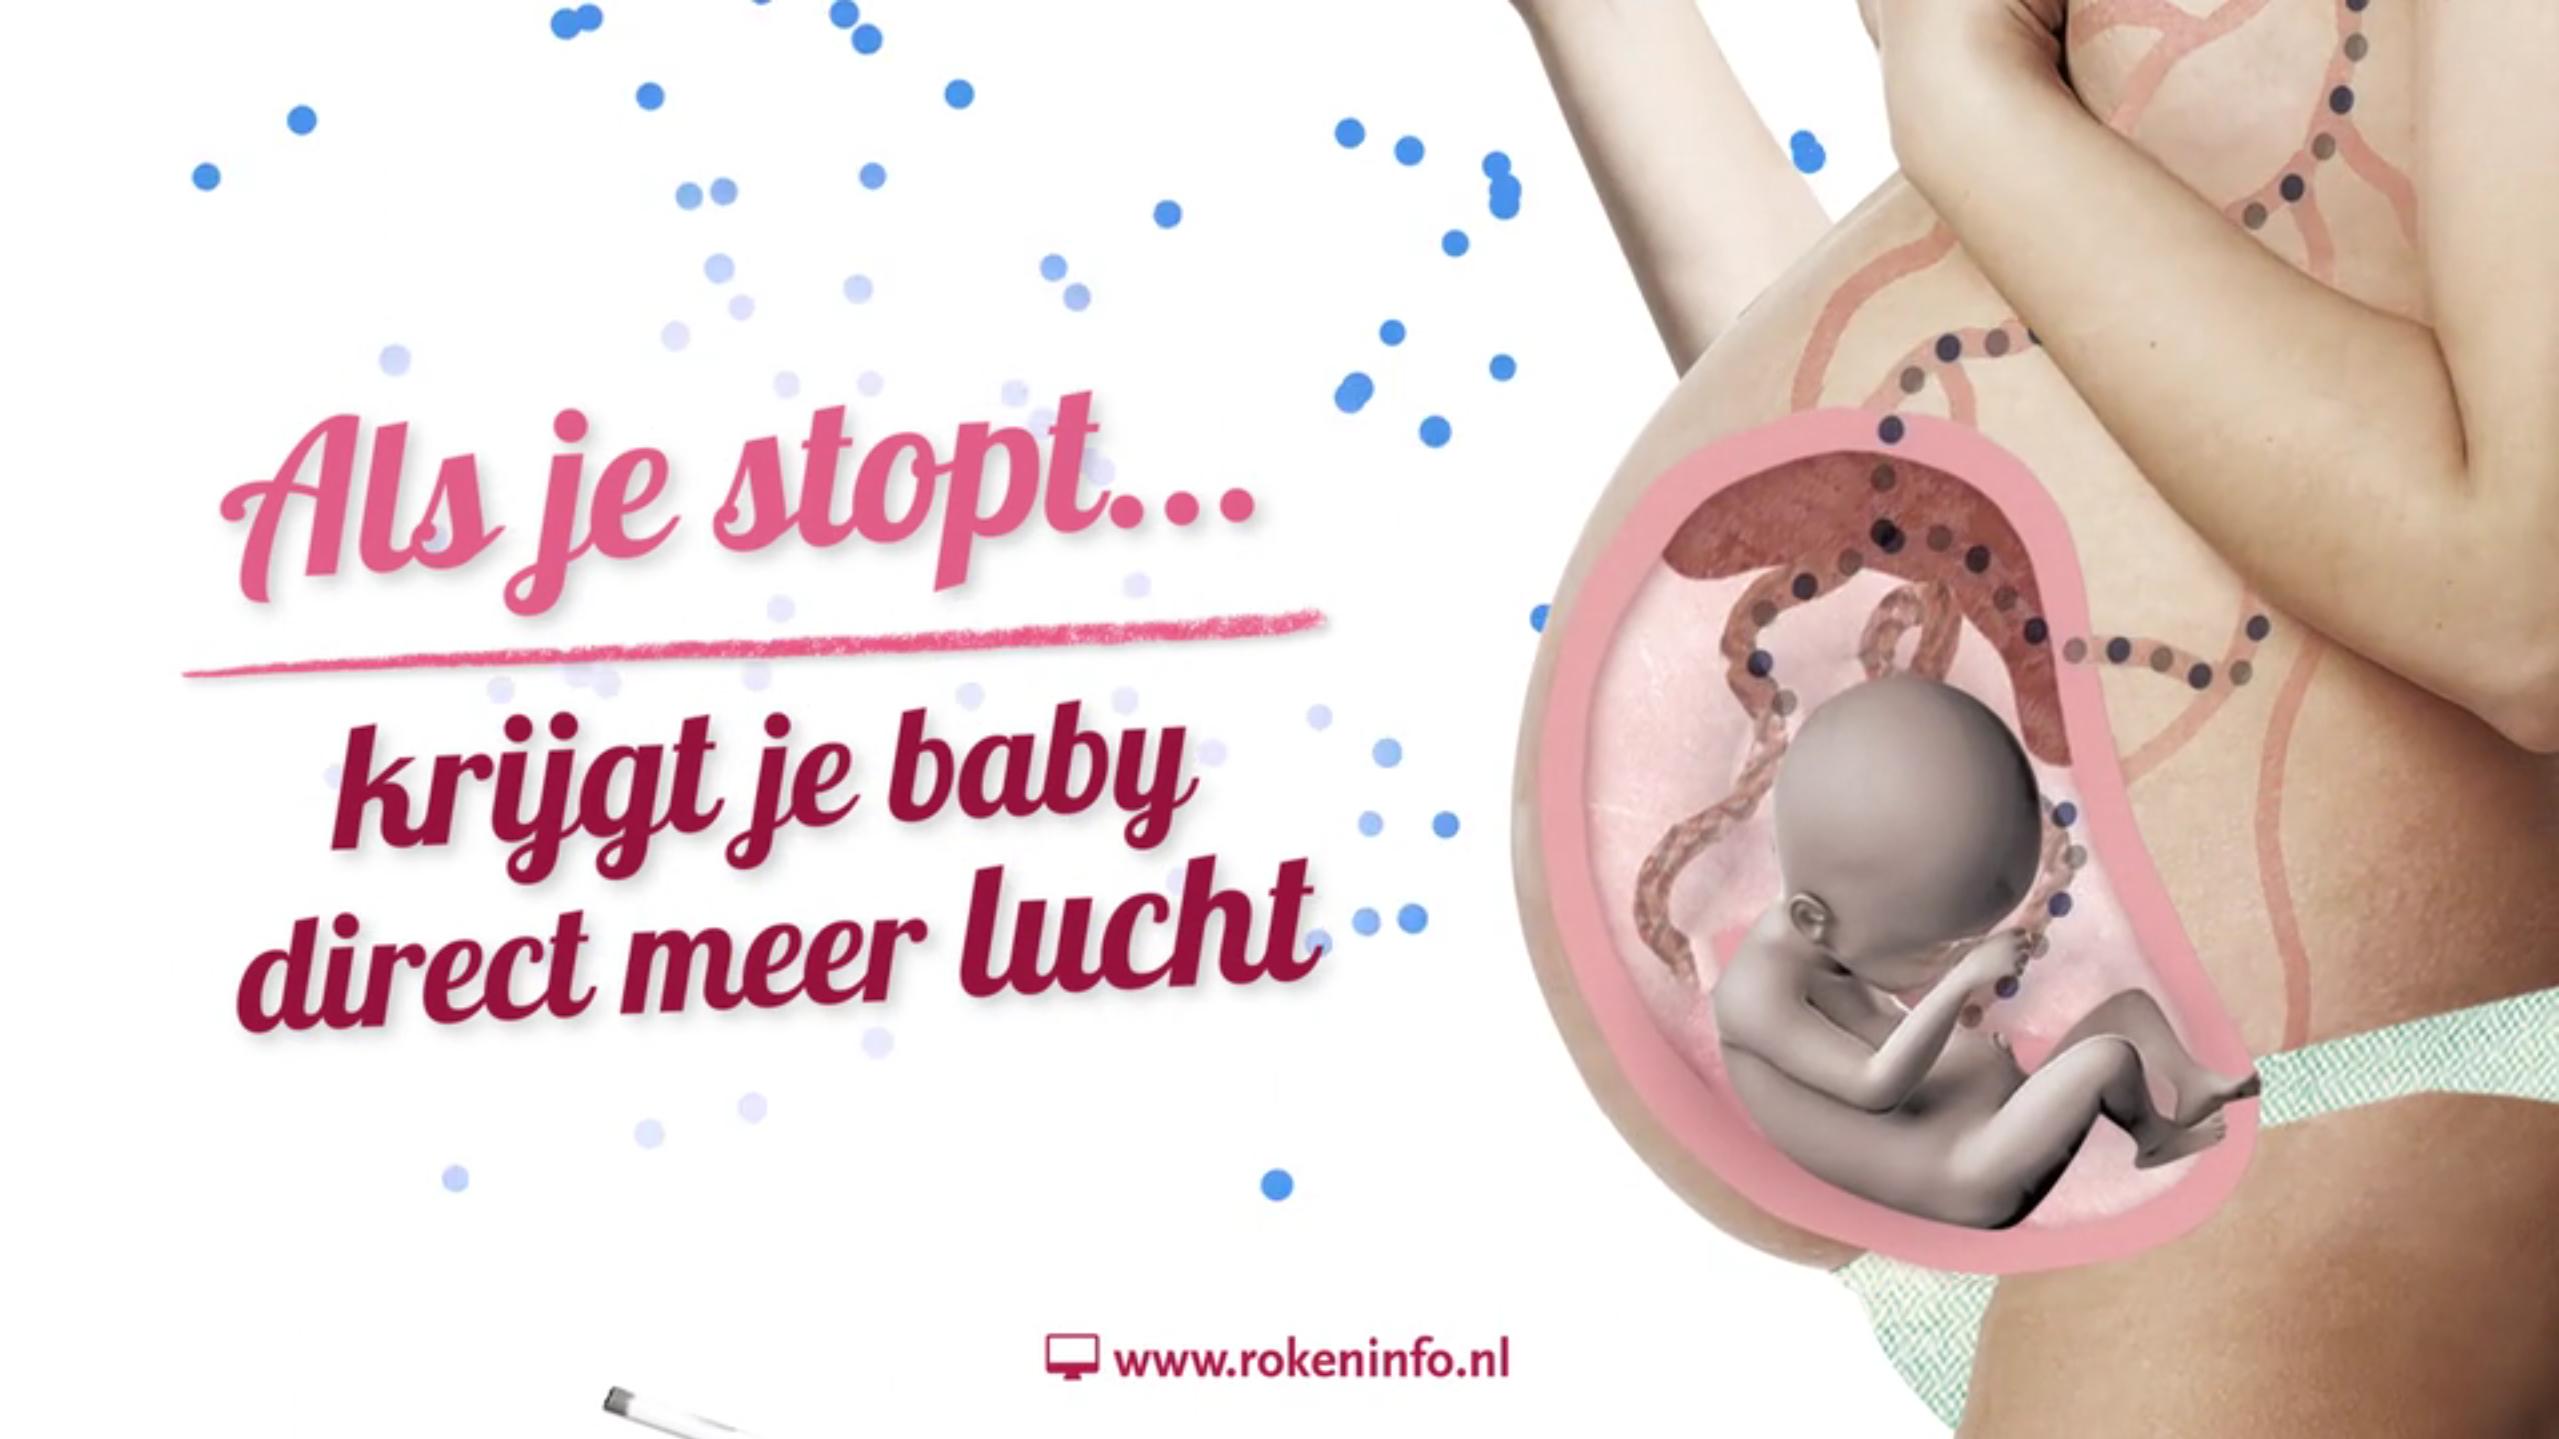 Als je Stopt krijgtje baby direct meer lucht